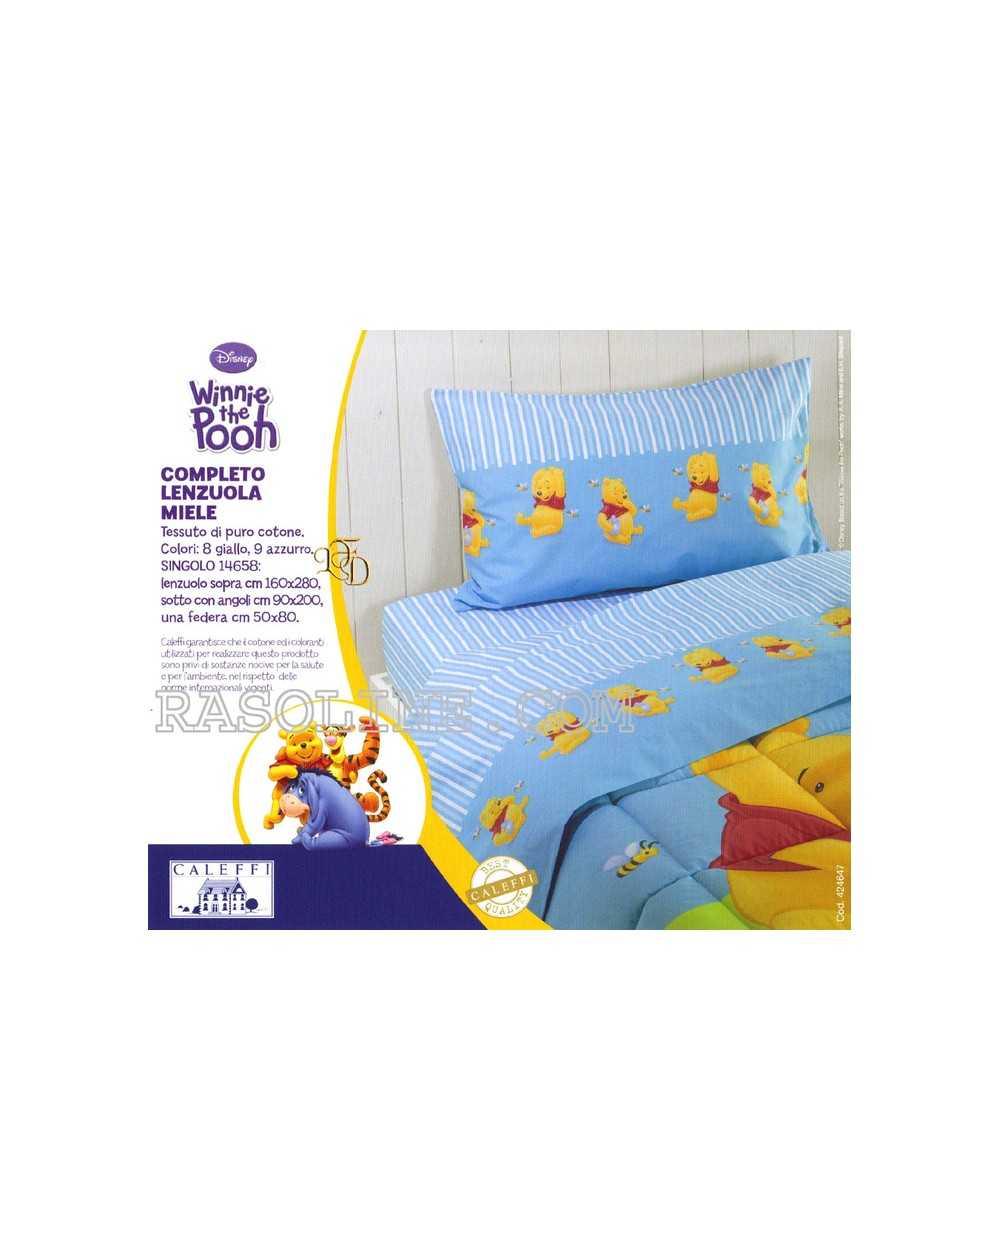 Winnie sheet set single bed